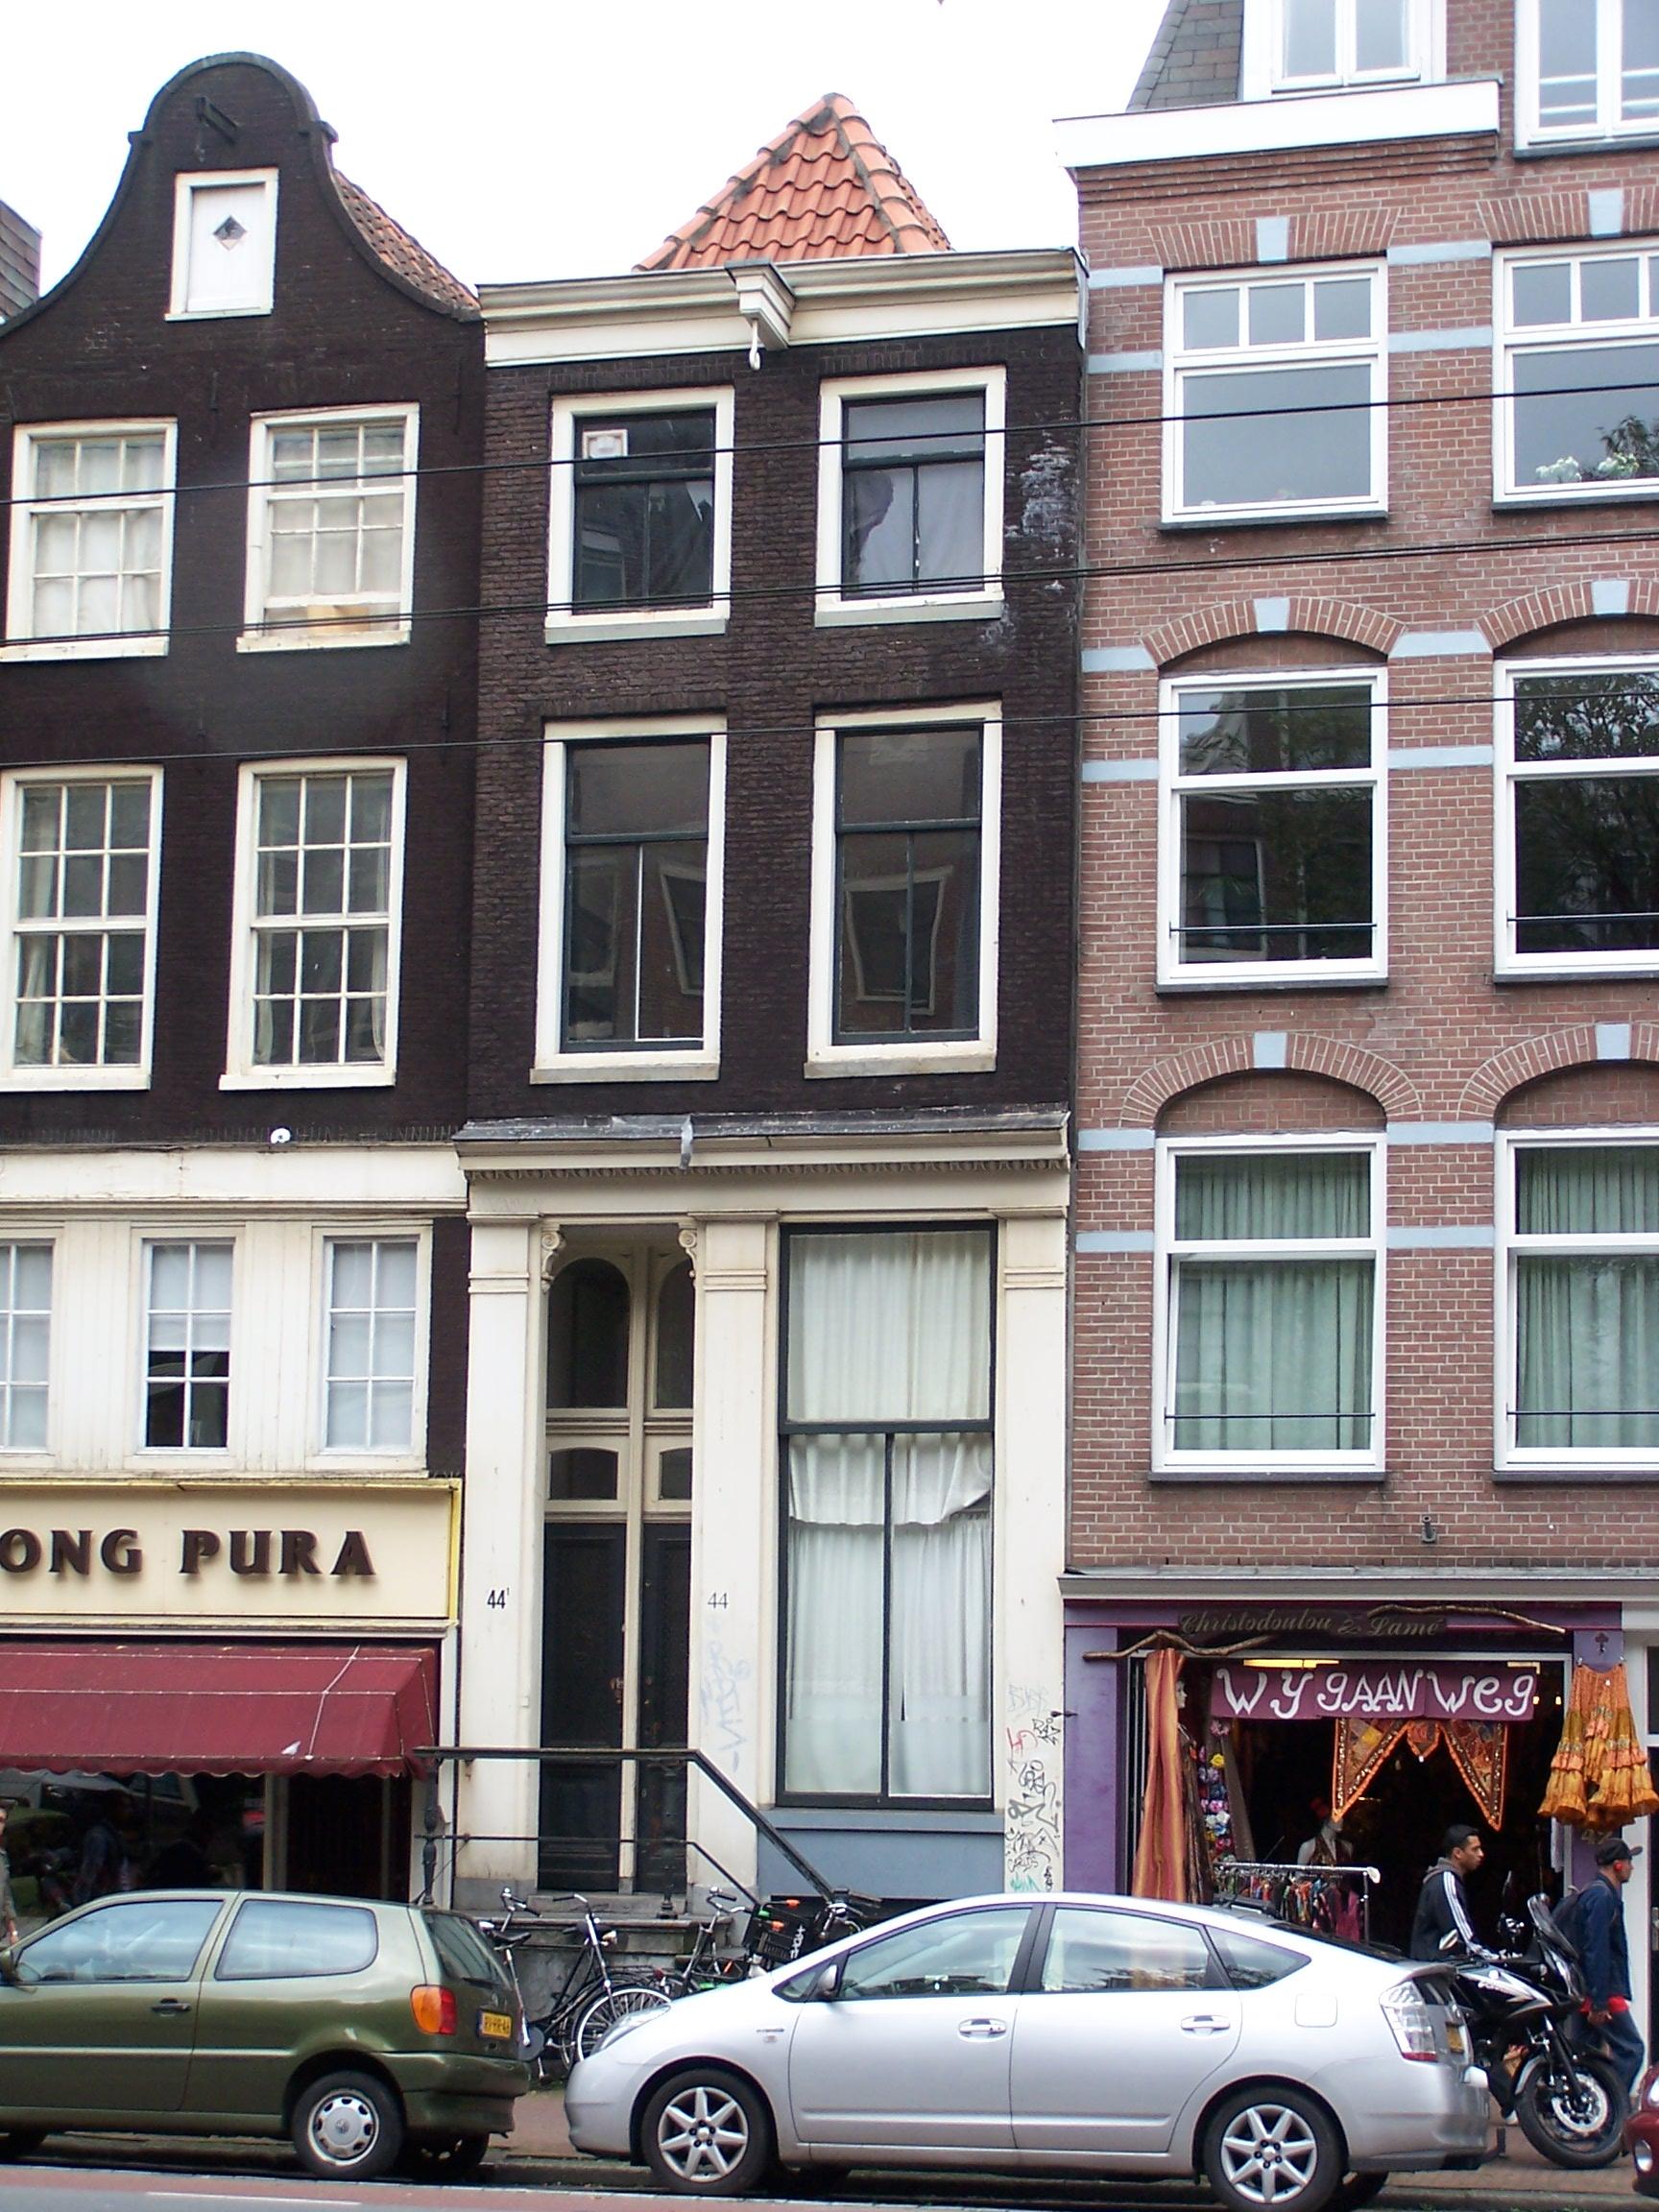 Huis met latere gevel onder rechte lijst in amsterdam for Lijst inrichting huis